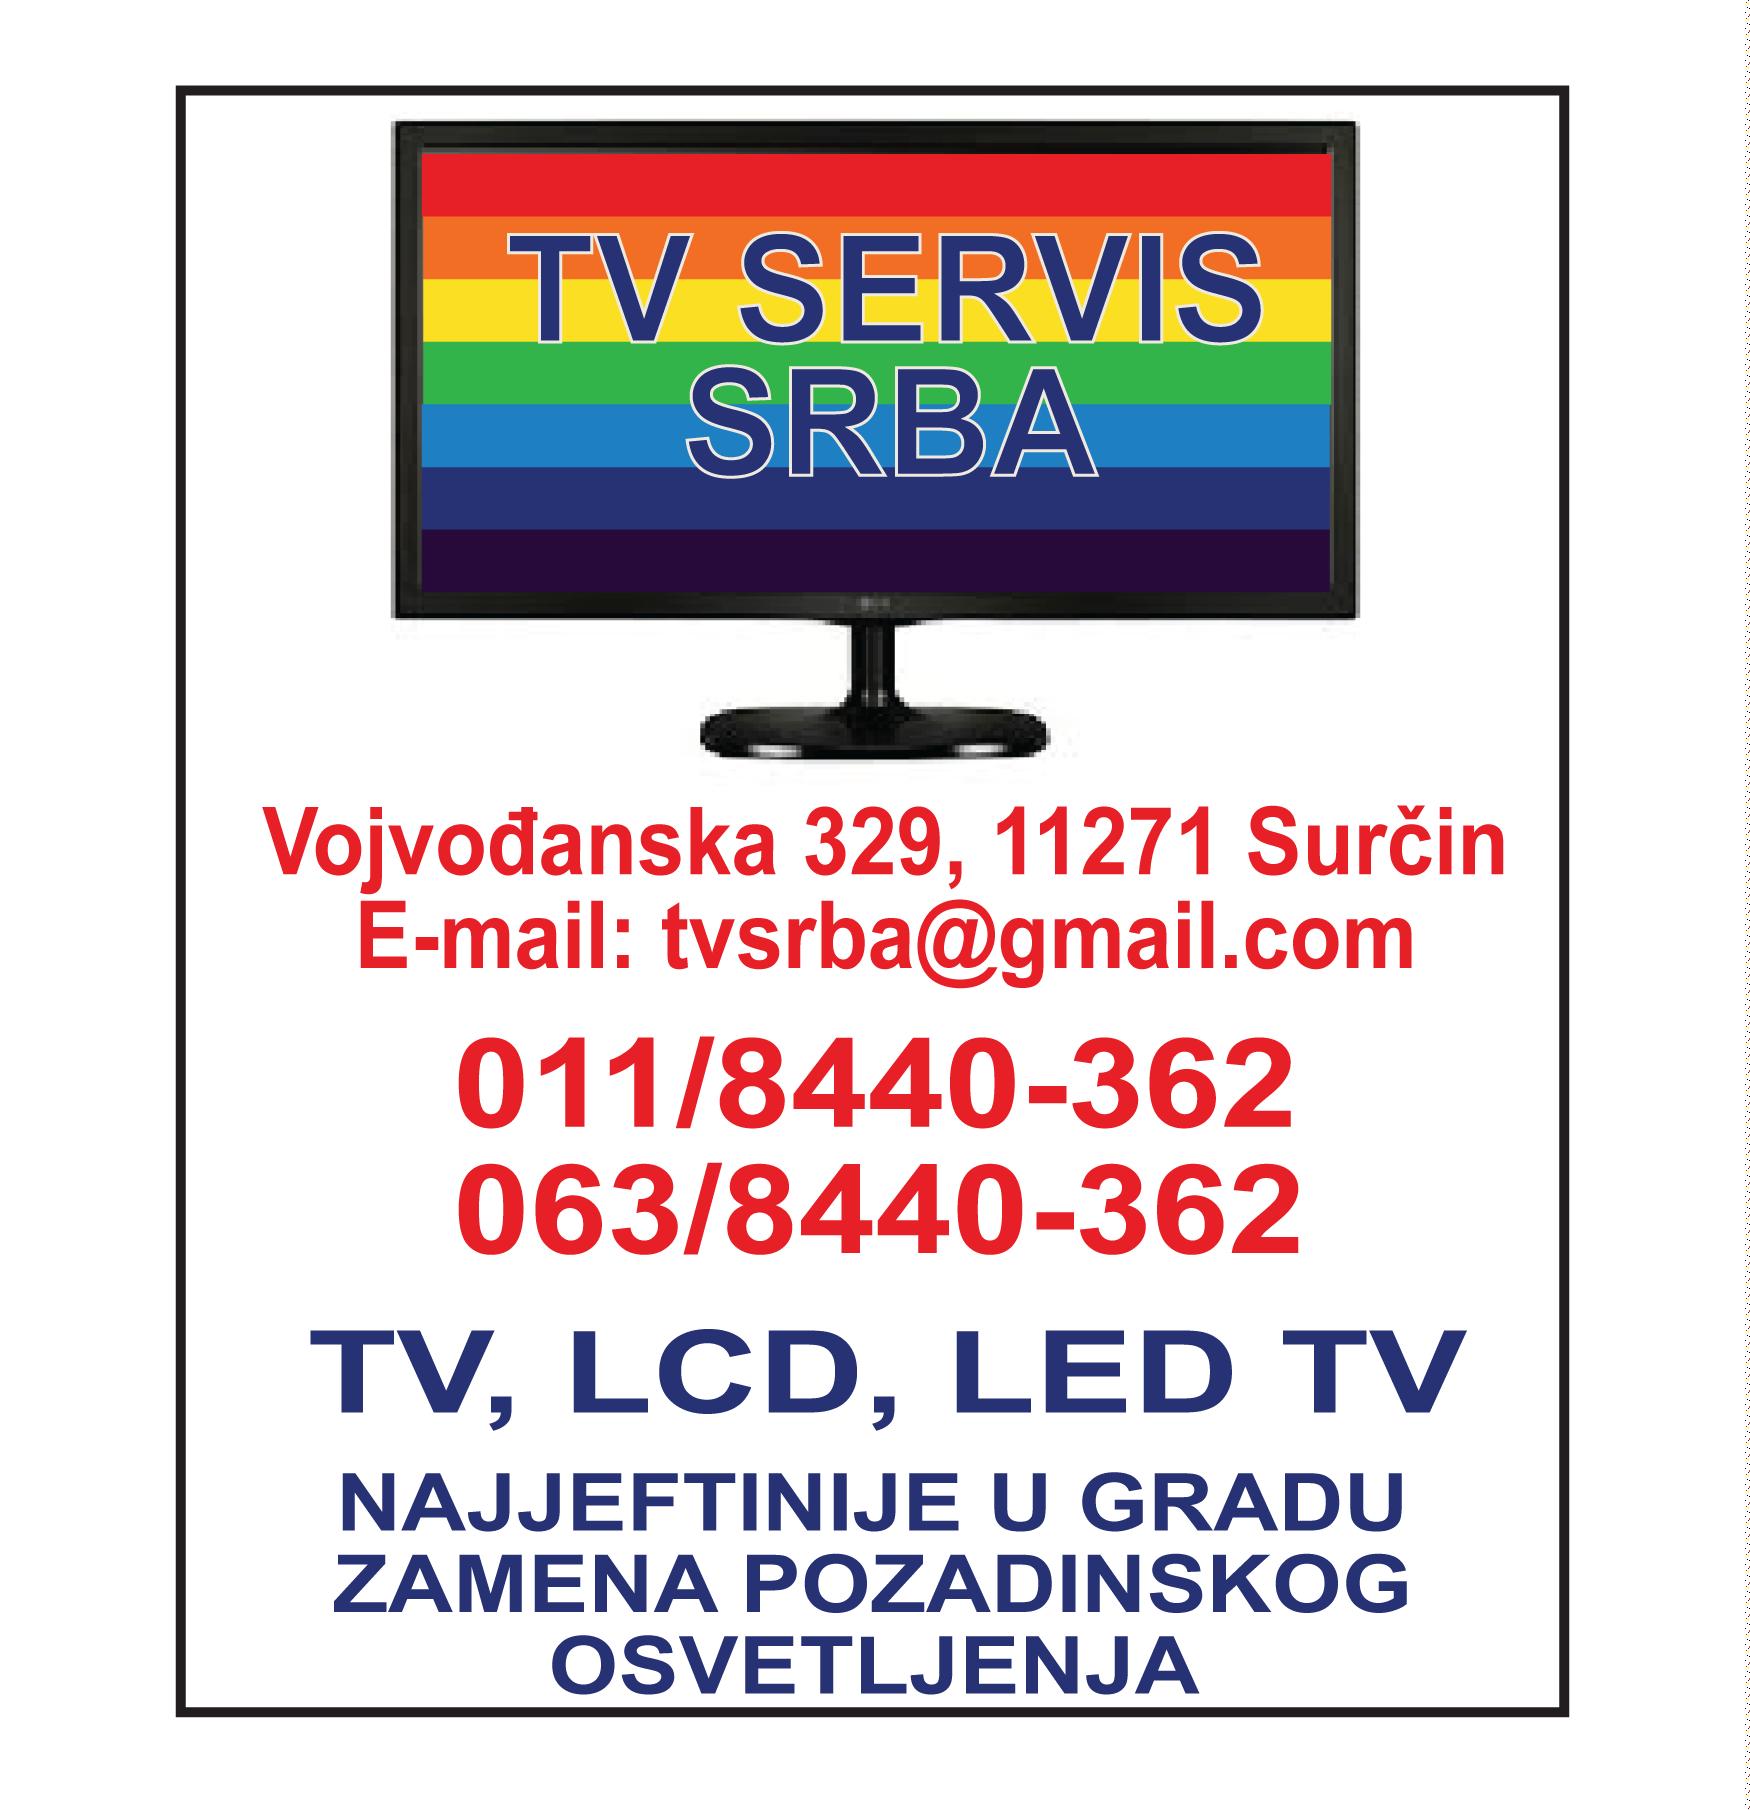 TV-SRBA-surcin-popravka-ledtv-lcdtv-led-monitor-pokvaren-servis-televizor-televizija+beograd-pozadinskosvetlo-